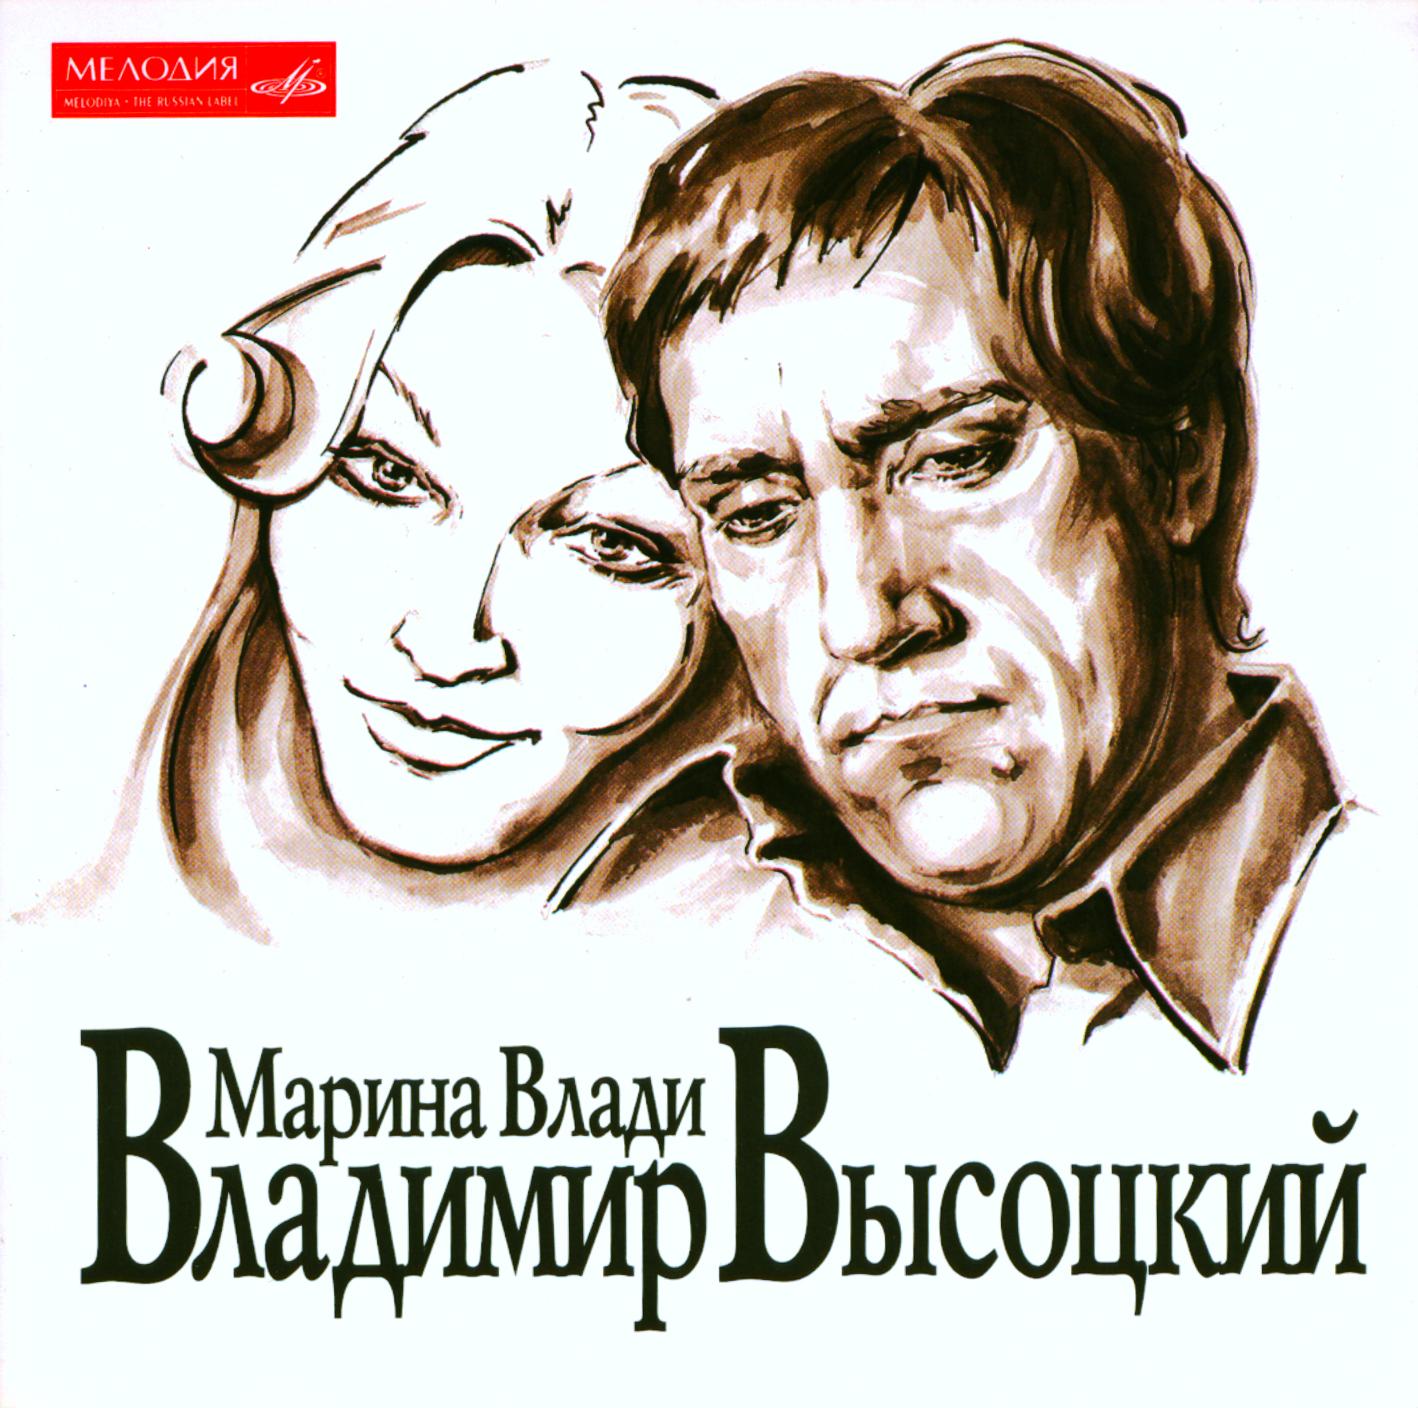 Vladimir Vysotsky Marina Vlady